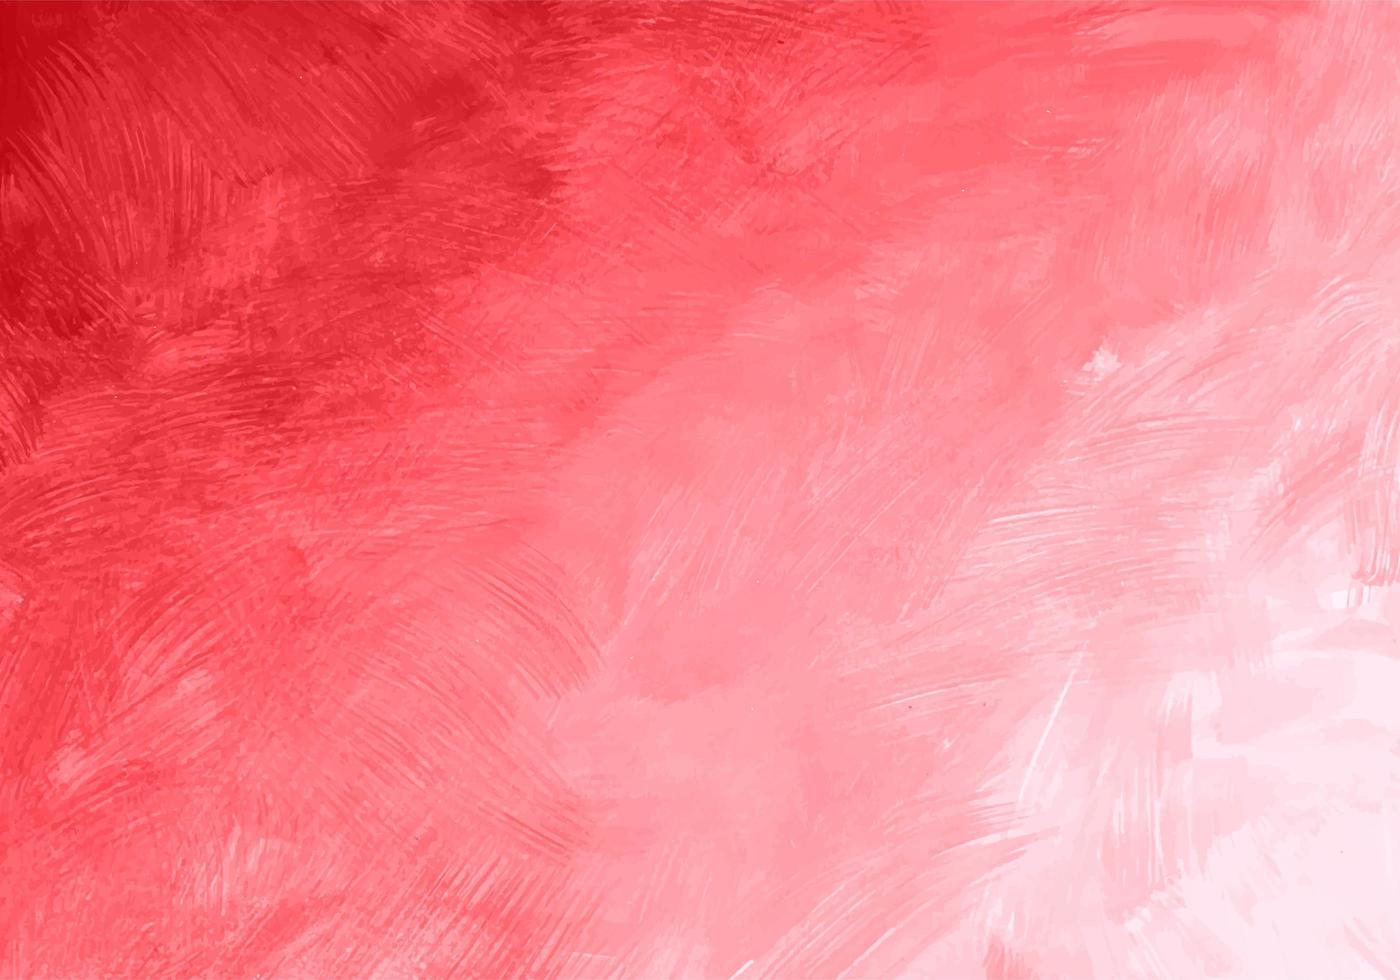 acquerello astratto morbido rosa texture di sfondo vettore